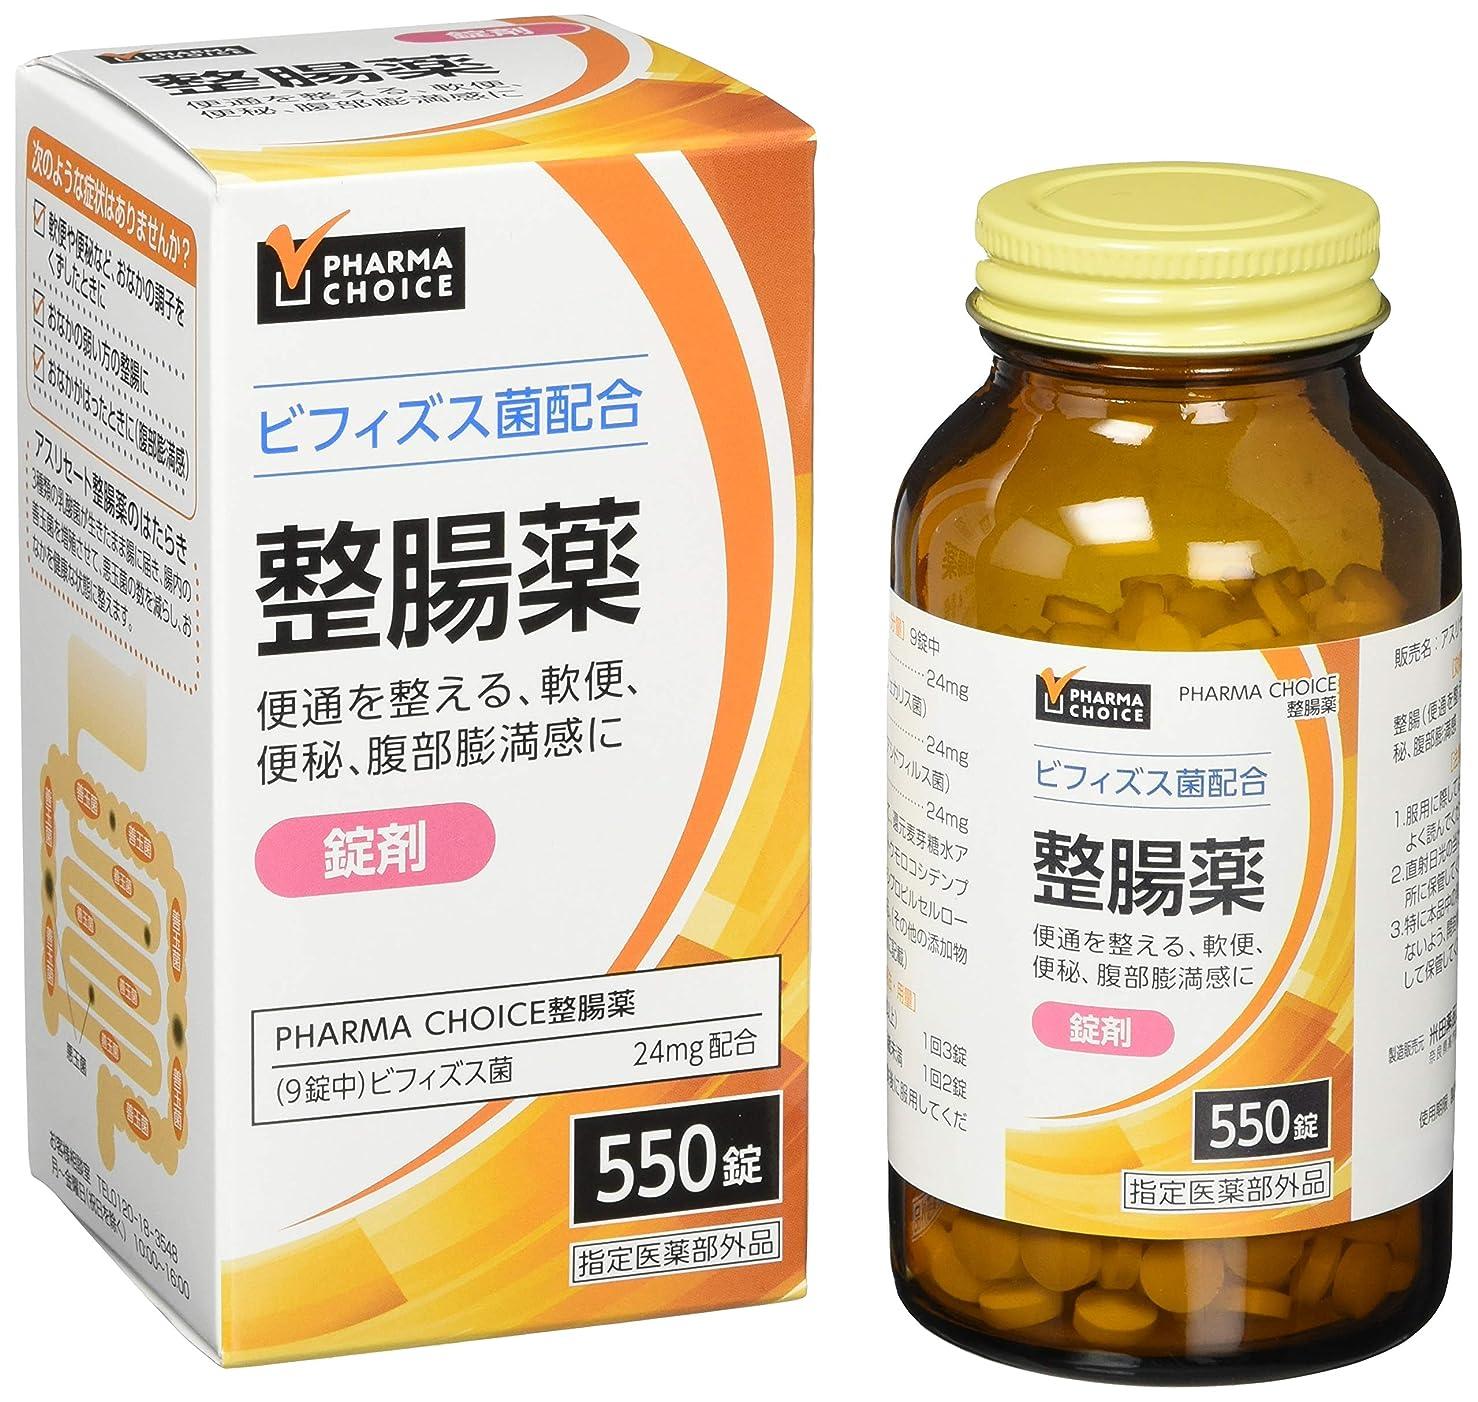 地平線もちろん嫌がらせ[Amazon限定ブランド] [指定医薬部外品] PHARMA CHOICE 整腸薬 550錠